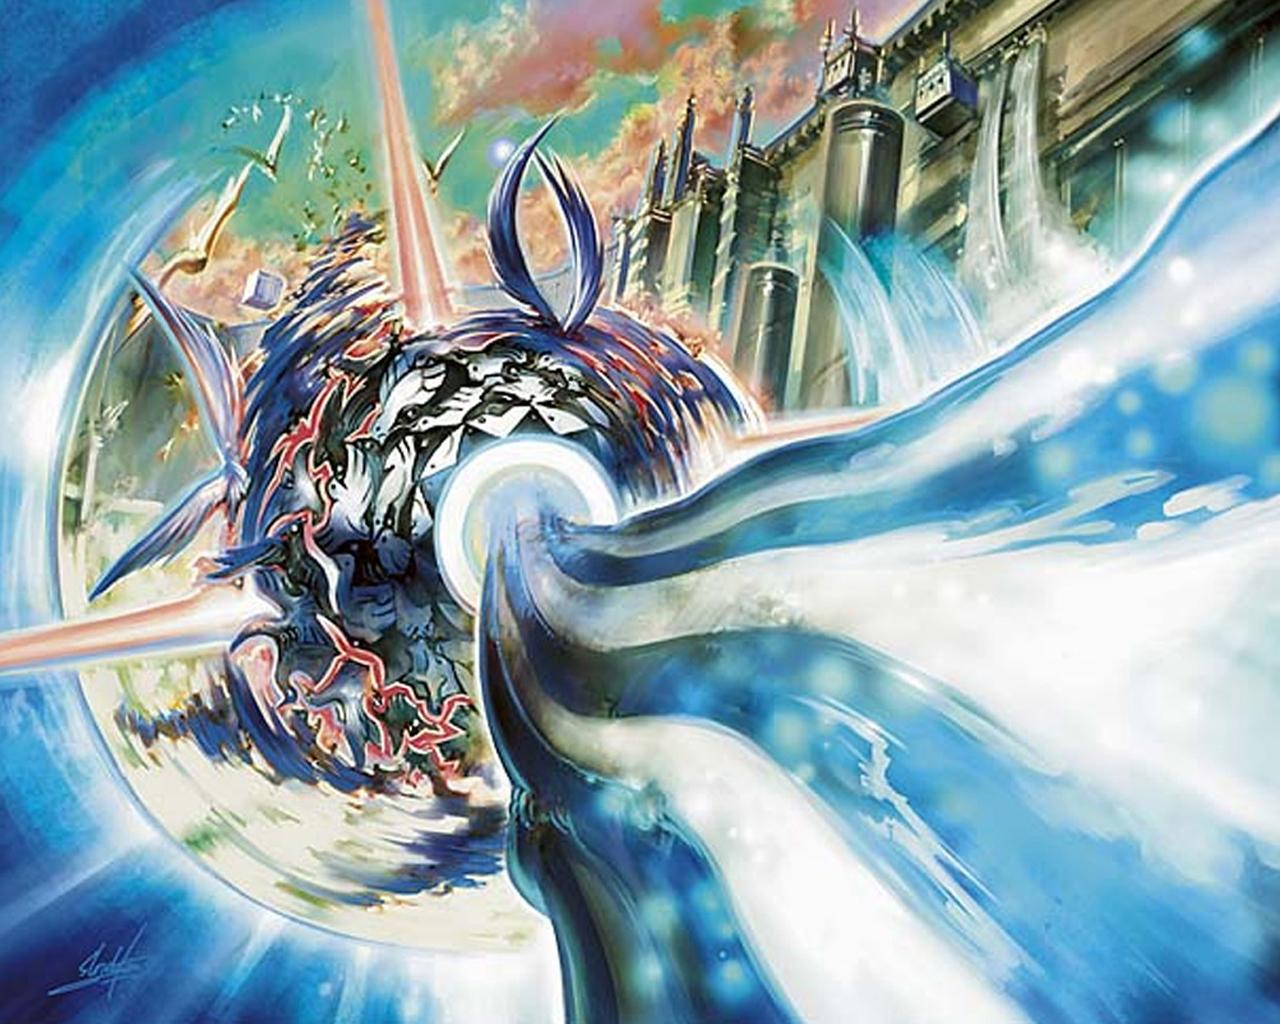 Mystical Wallpaper HD Download